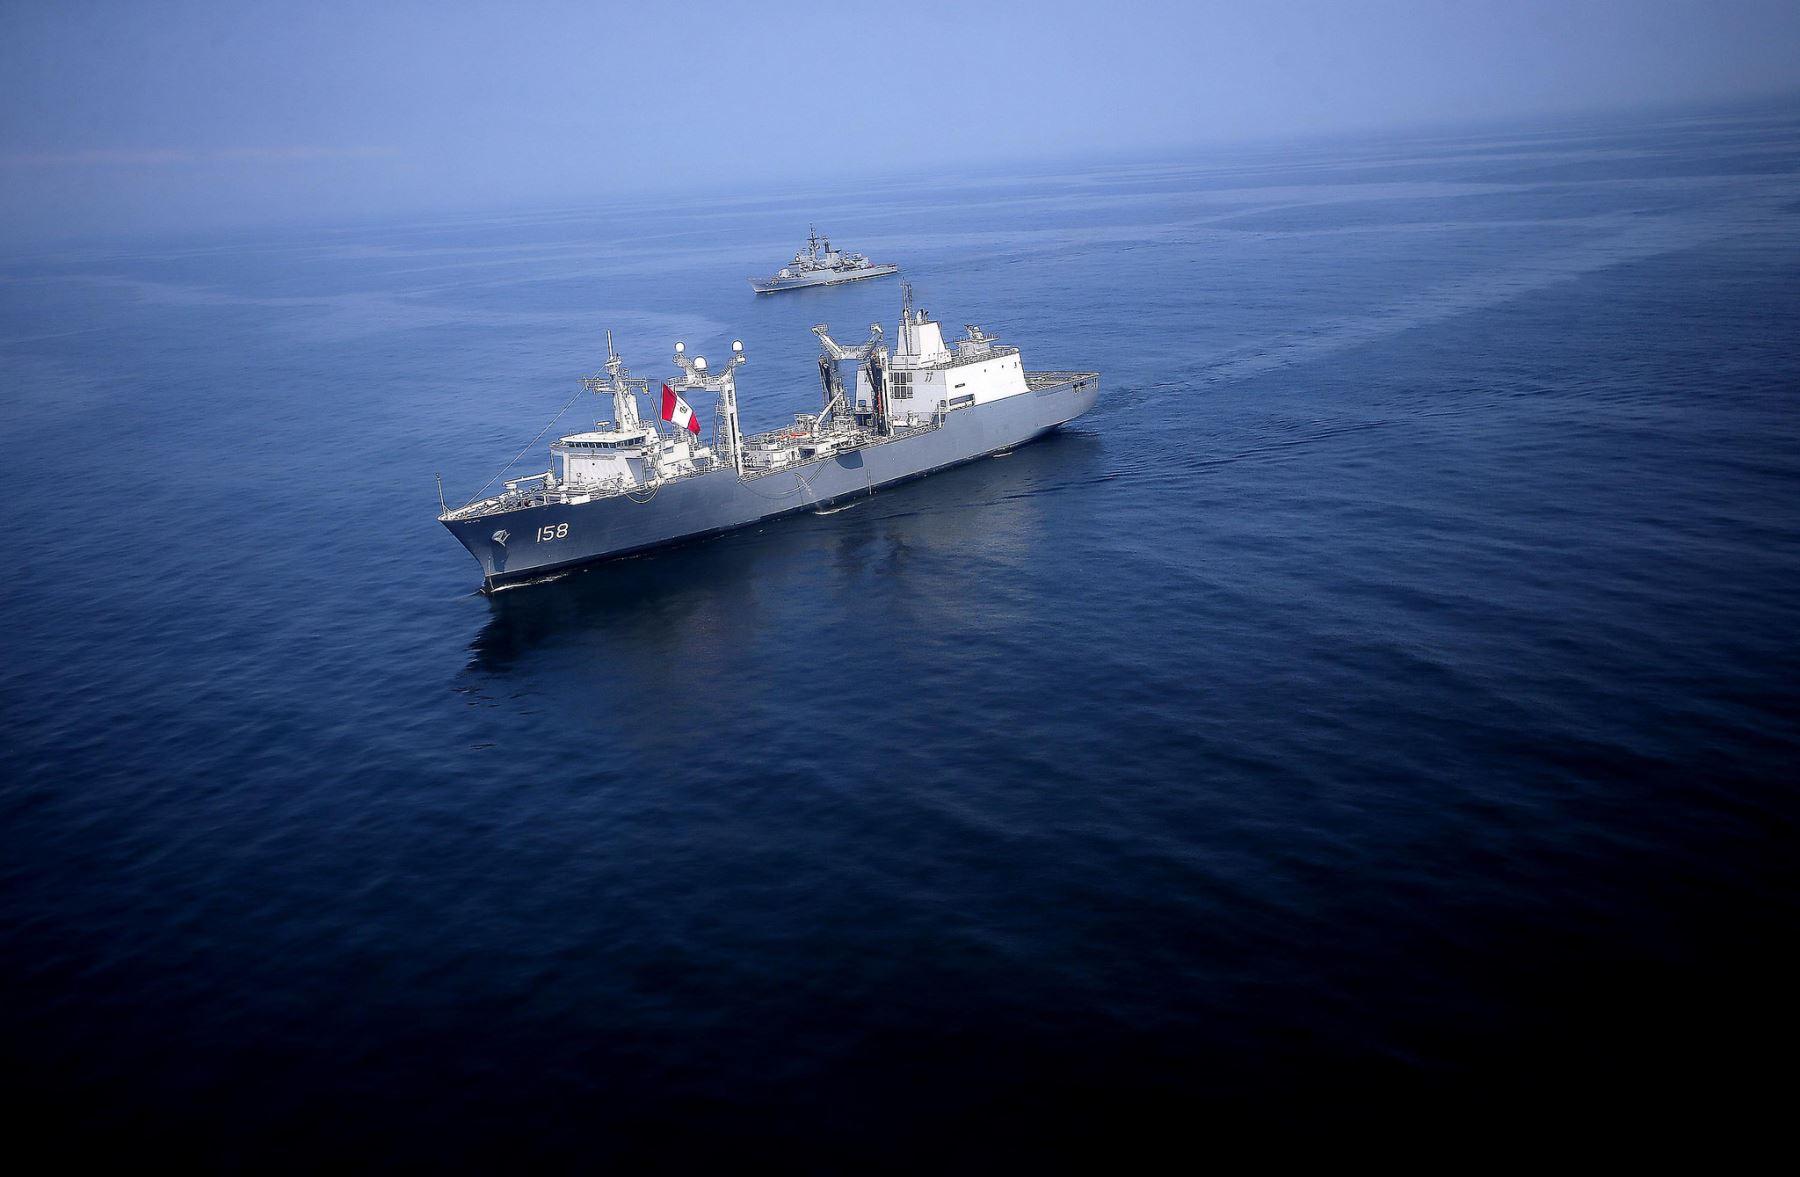 """El Buque de Apoyo Logístico BAP """"Tacna"""" se incorporó oficialmente a la Marina de Guerra del Perú y se convertirá en la mayor unidad naval de soporte logístico para ayuda humanitaria y atención a poblaciones afectadas por desastres naturales."""